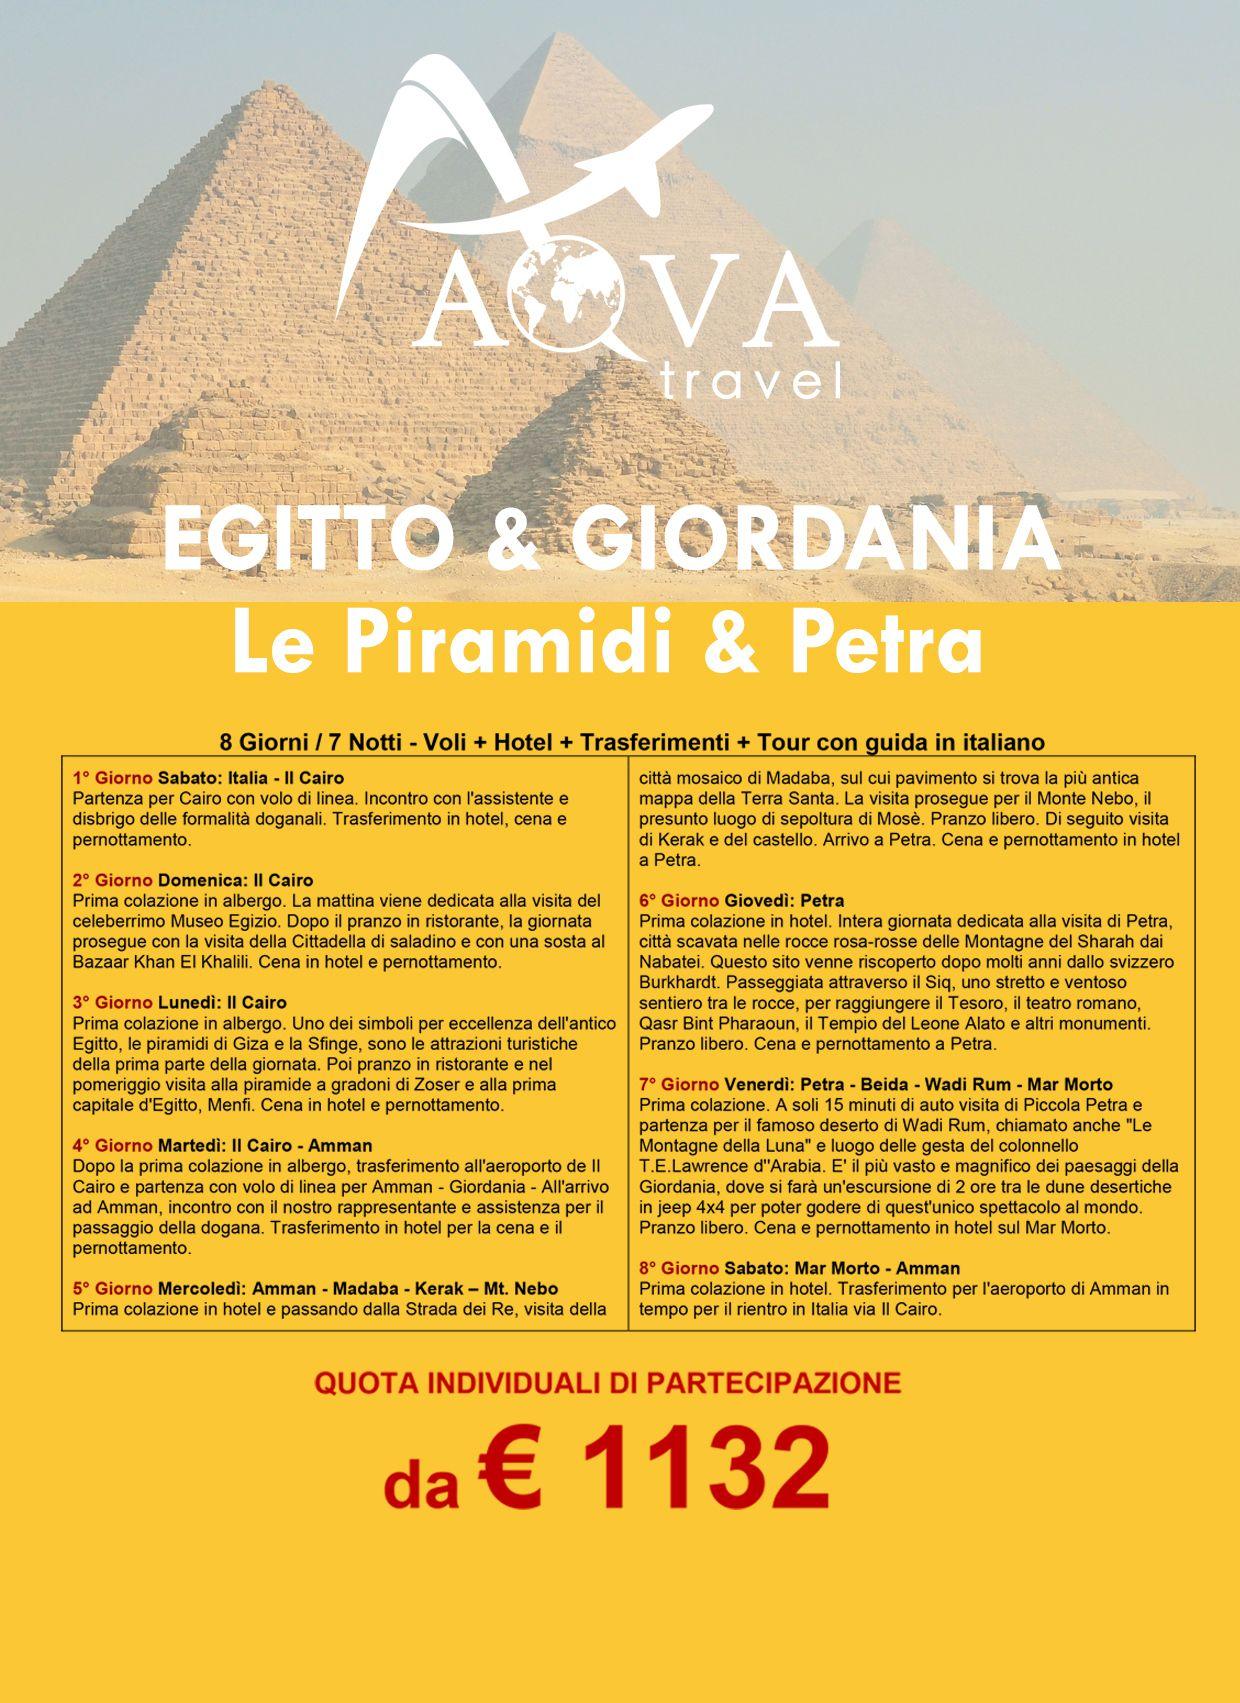 EGITTO & GIORDANIA: Le Piramidi & Petra